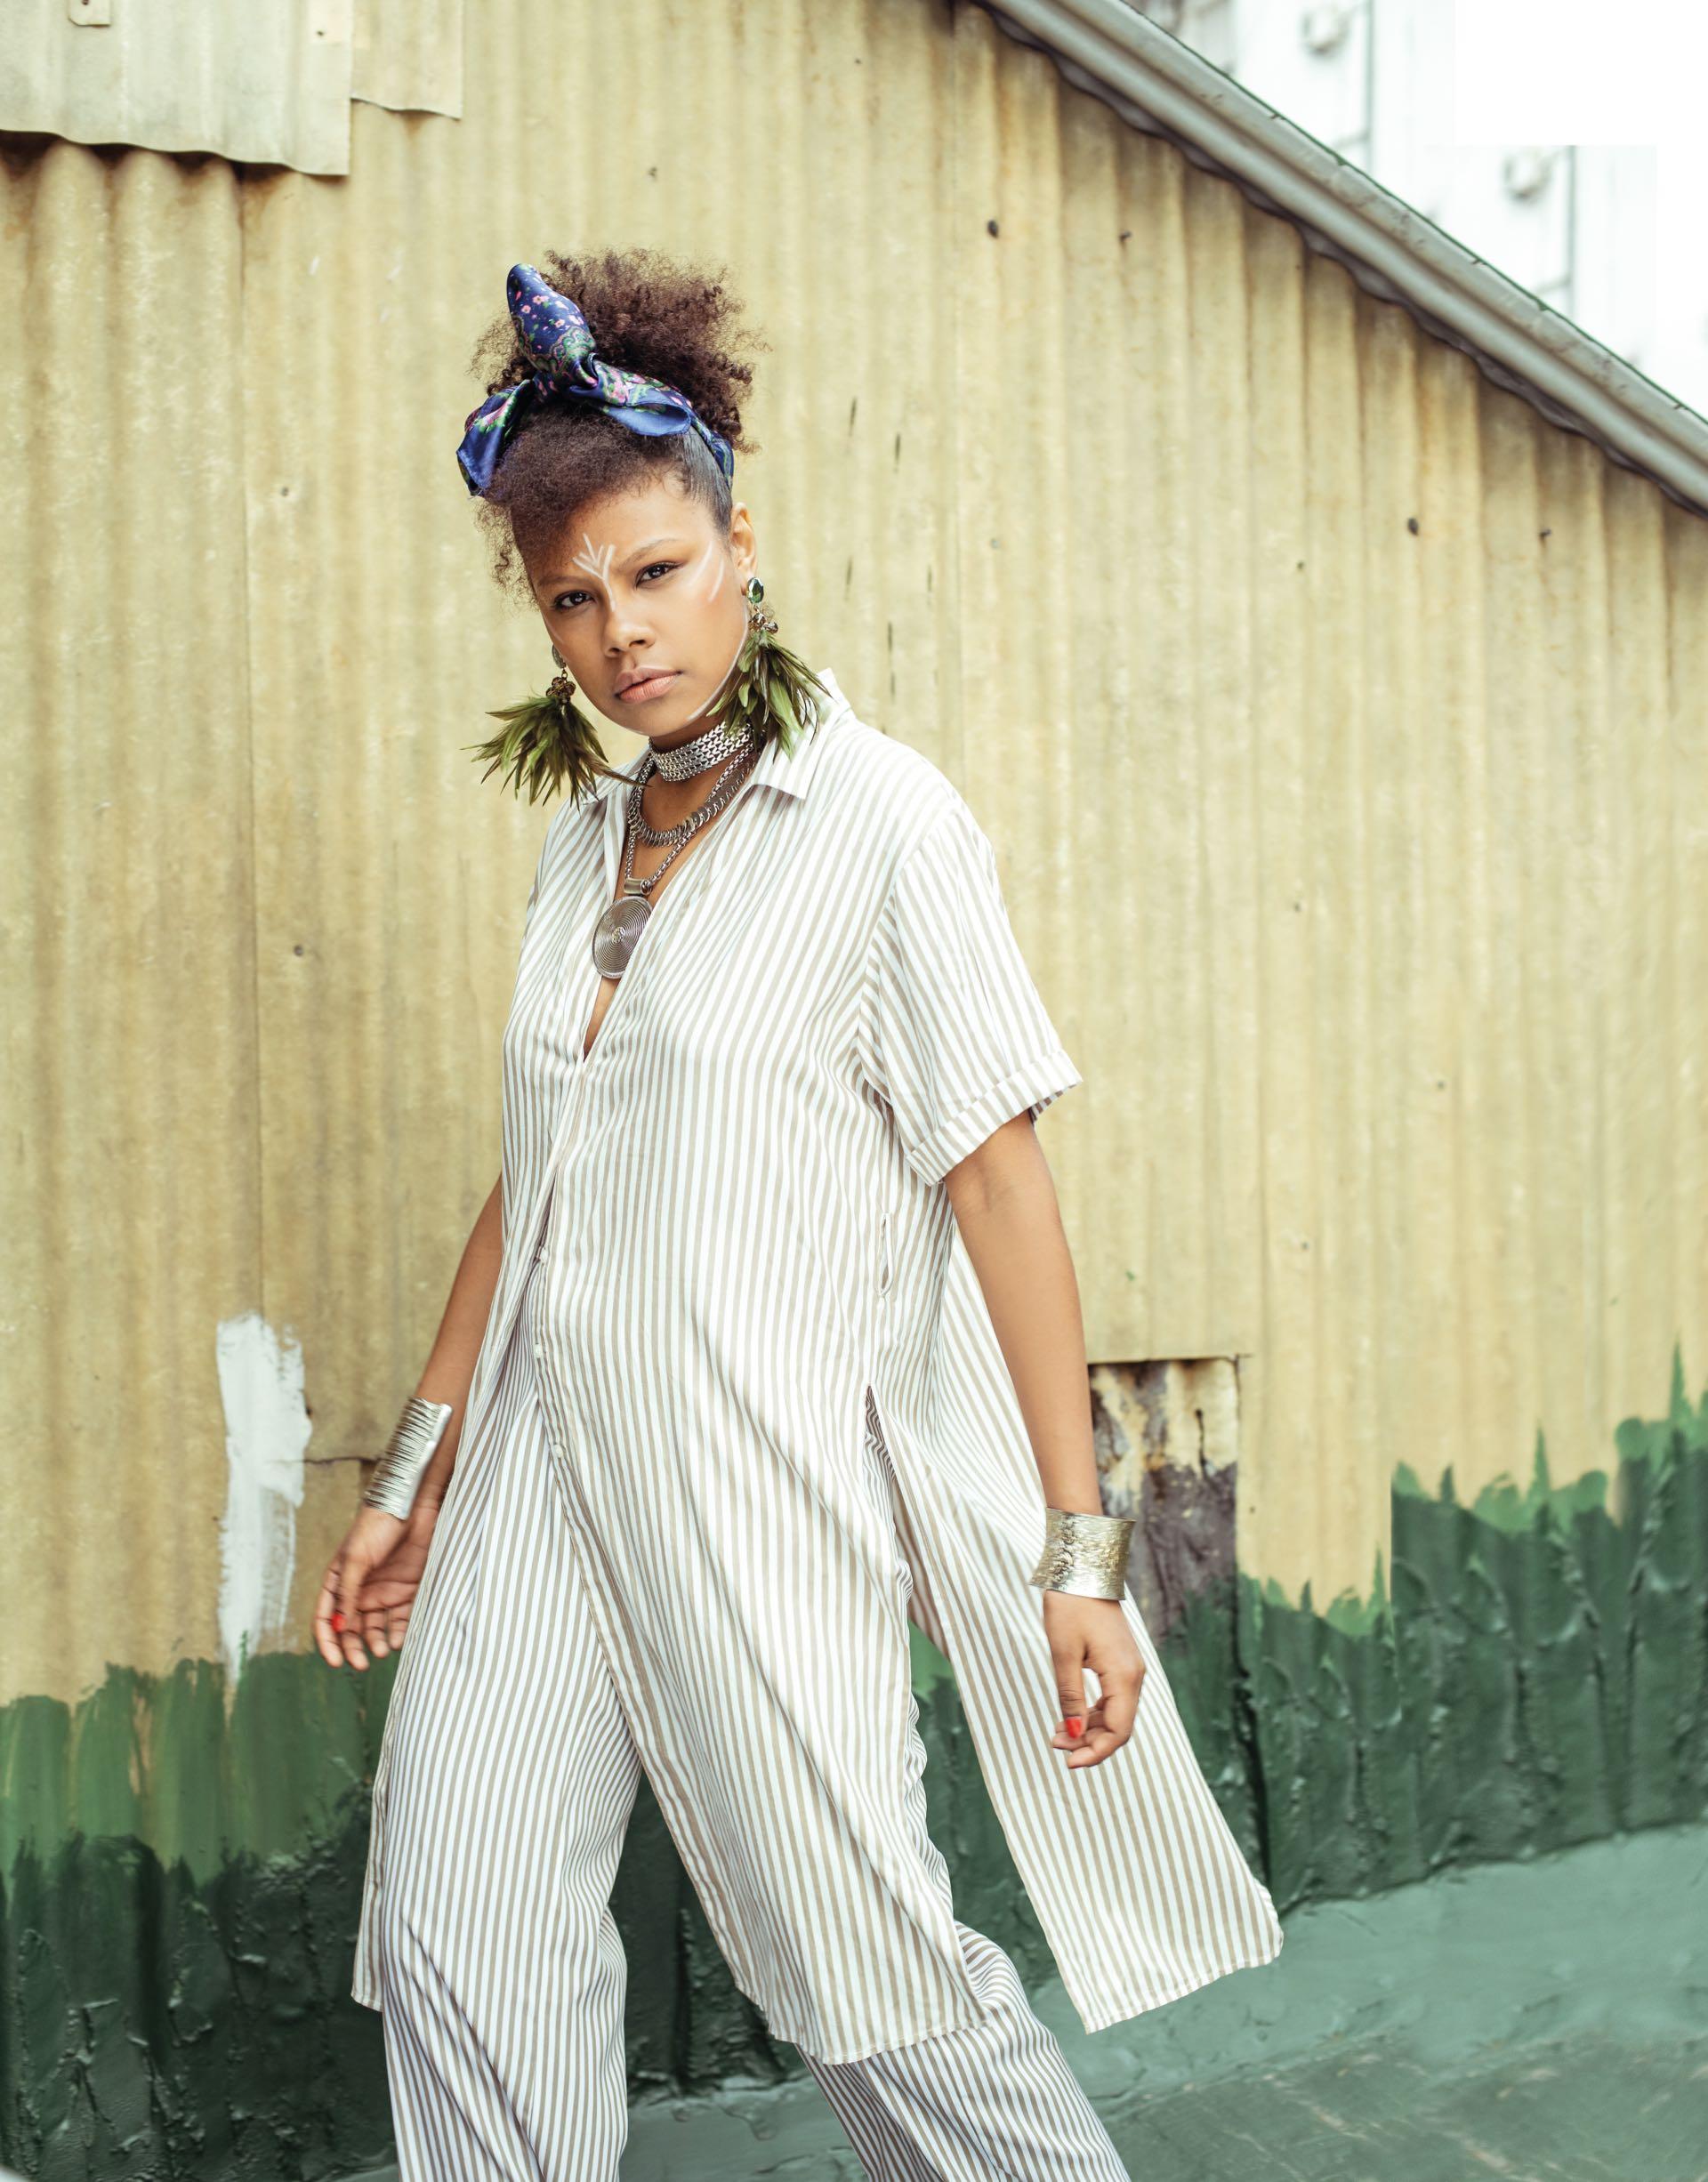 Camisola y pantalón pijama (aprox. $ 2.100 y aprox. $ 1.400, Indiastyle), aros con plumas ($ 2.590, Las Juanas Night), collares ($ 559, De Cayetanas) y esclavas ($ 420 c/u, Gabriella Capucci).